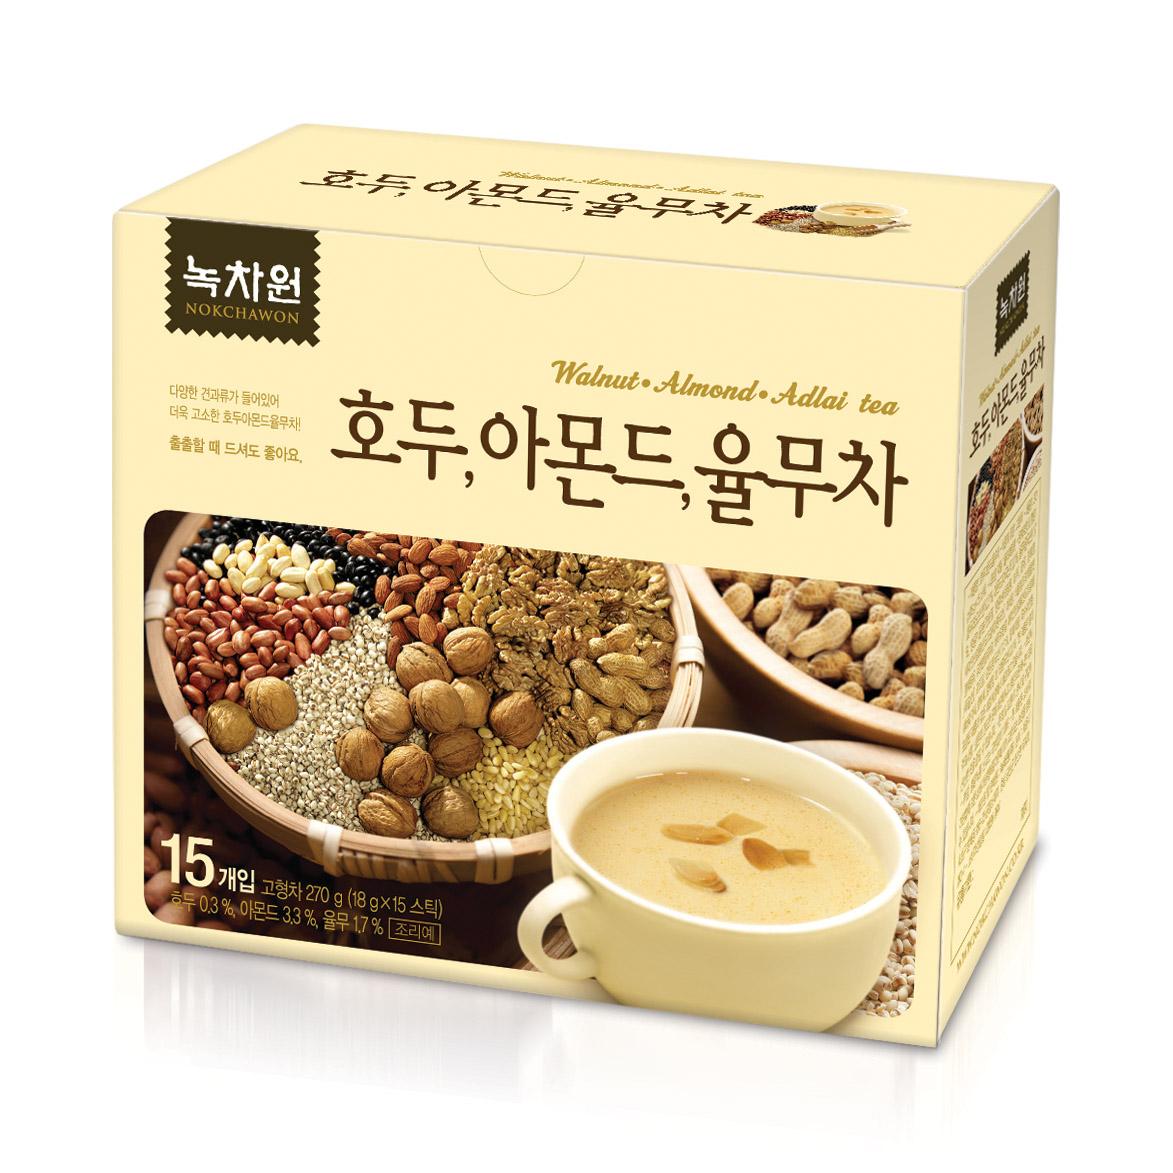 Bột Ngũ Cốc Nokchawon Mixed Powder 270g - 9399793 , 8801767631771 , 62_587117 , 191000 , Bot-Ngu-Coc-Nokchawon-Mixed-Powder-270g-62_587117 , tiki.vn , Bột Ngũ Cốc Nokchawon Mixed Powder 270g